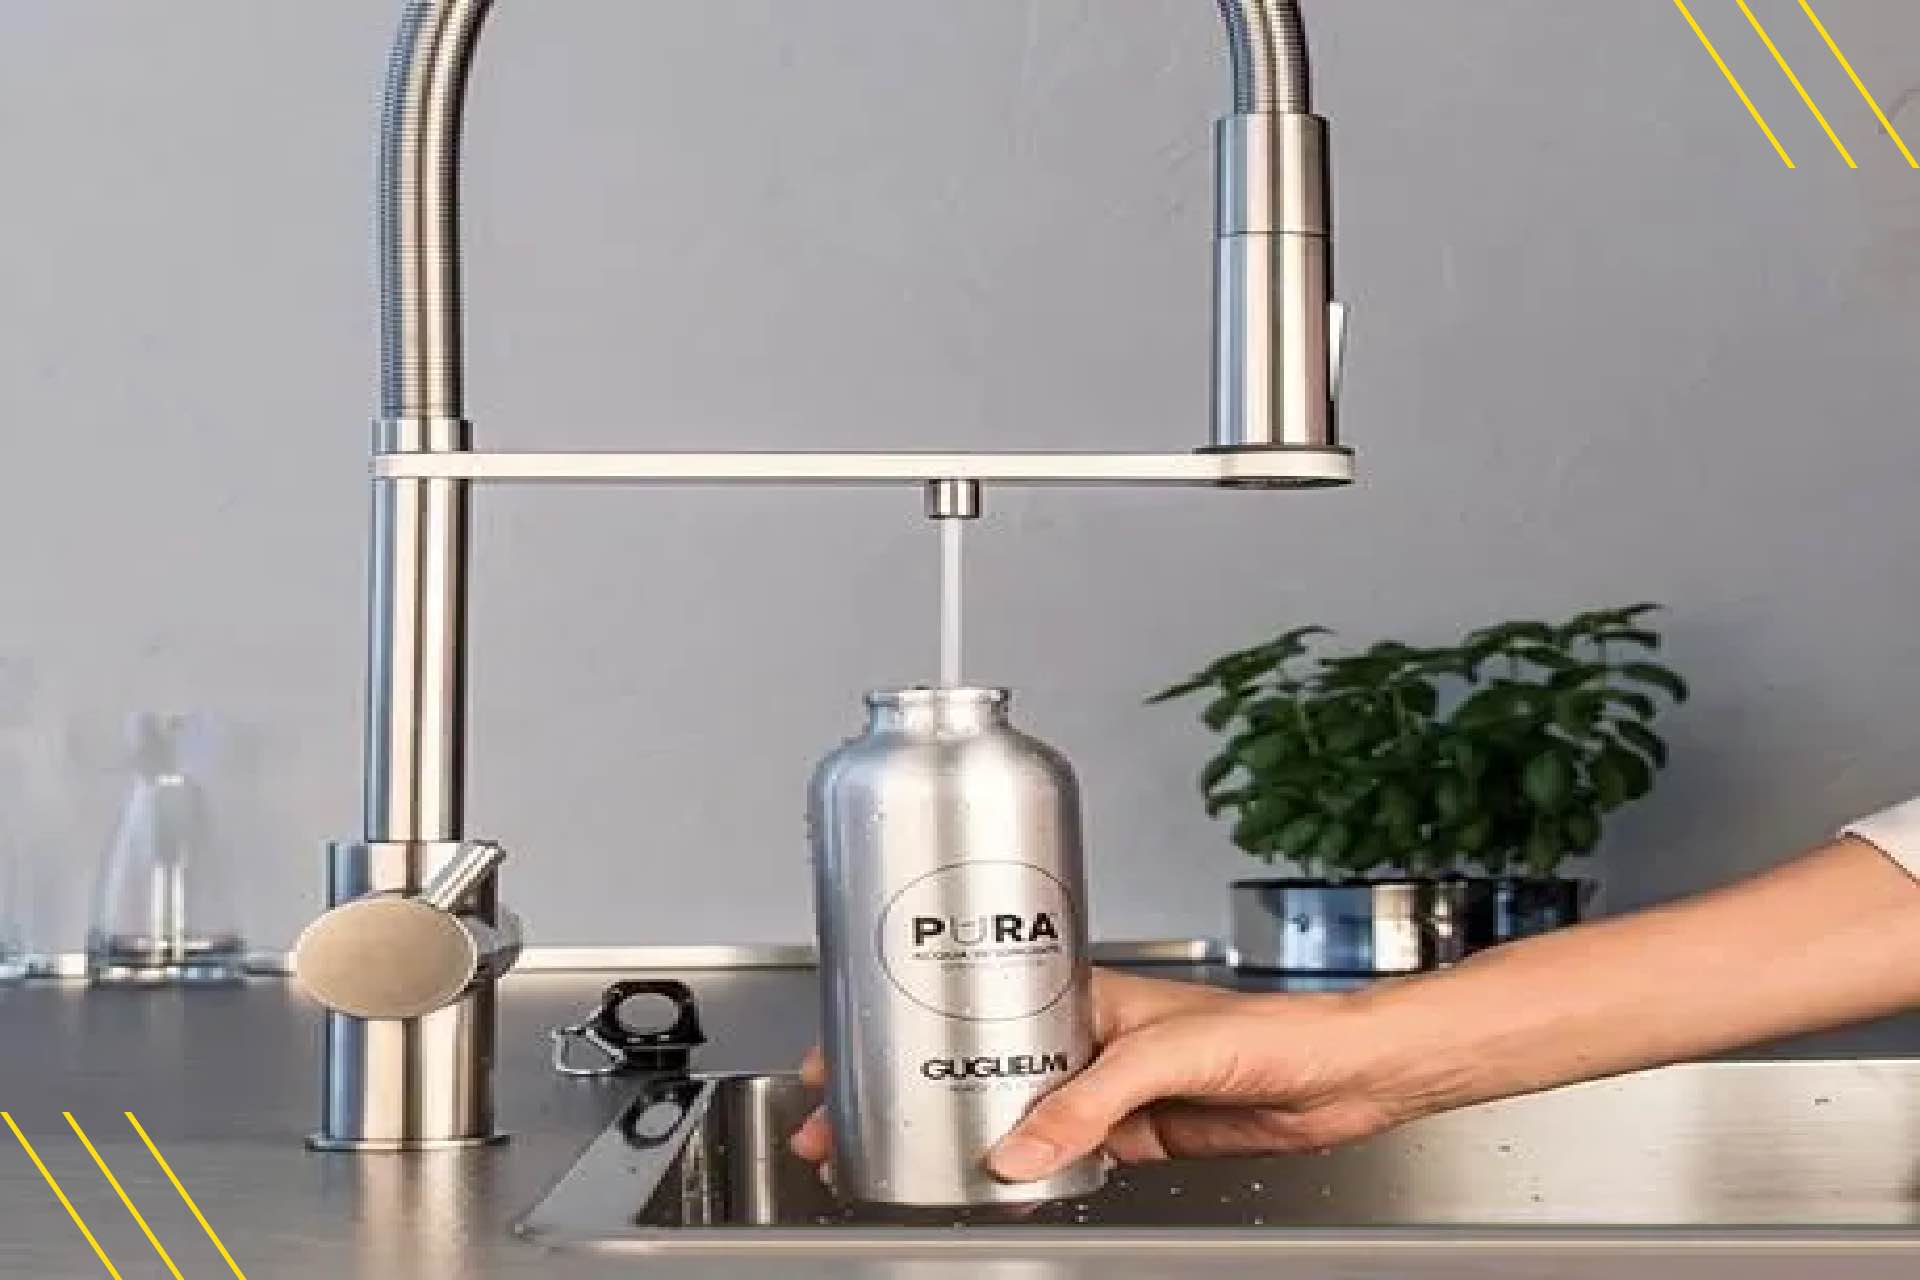 impianti termici bardani acqua pura rubinetto depurazione perugia